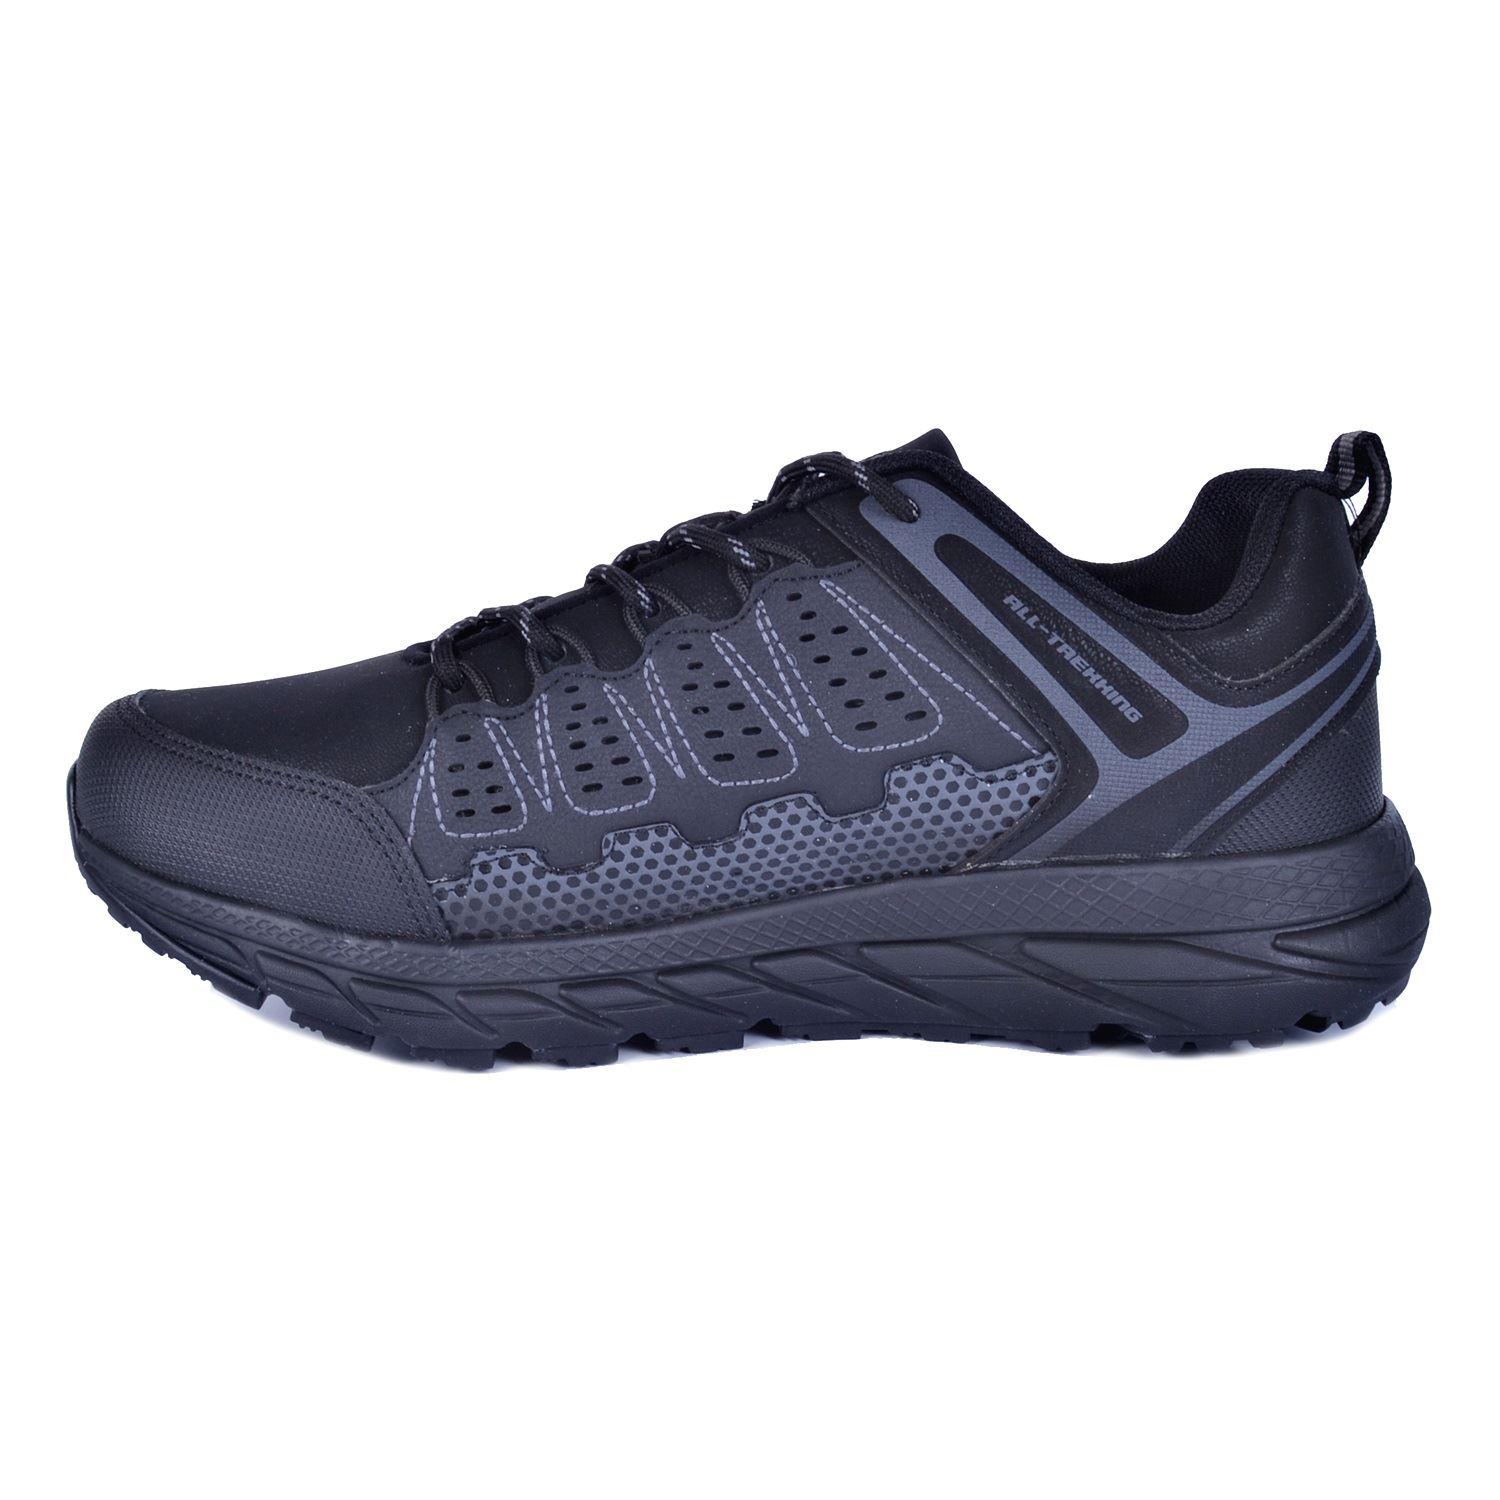 Siyah Erkek Spor Ayakkabı 25673